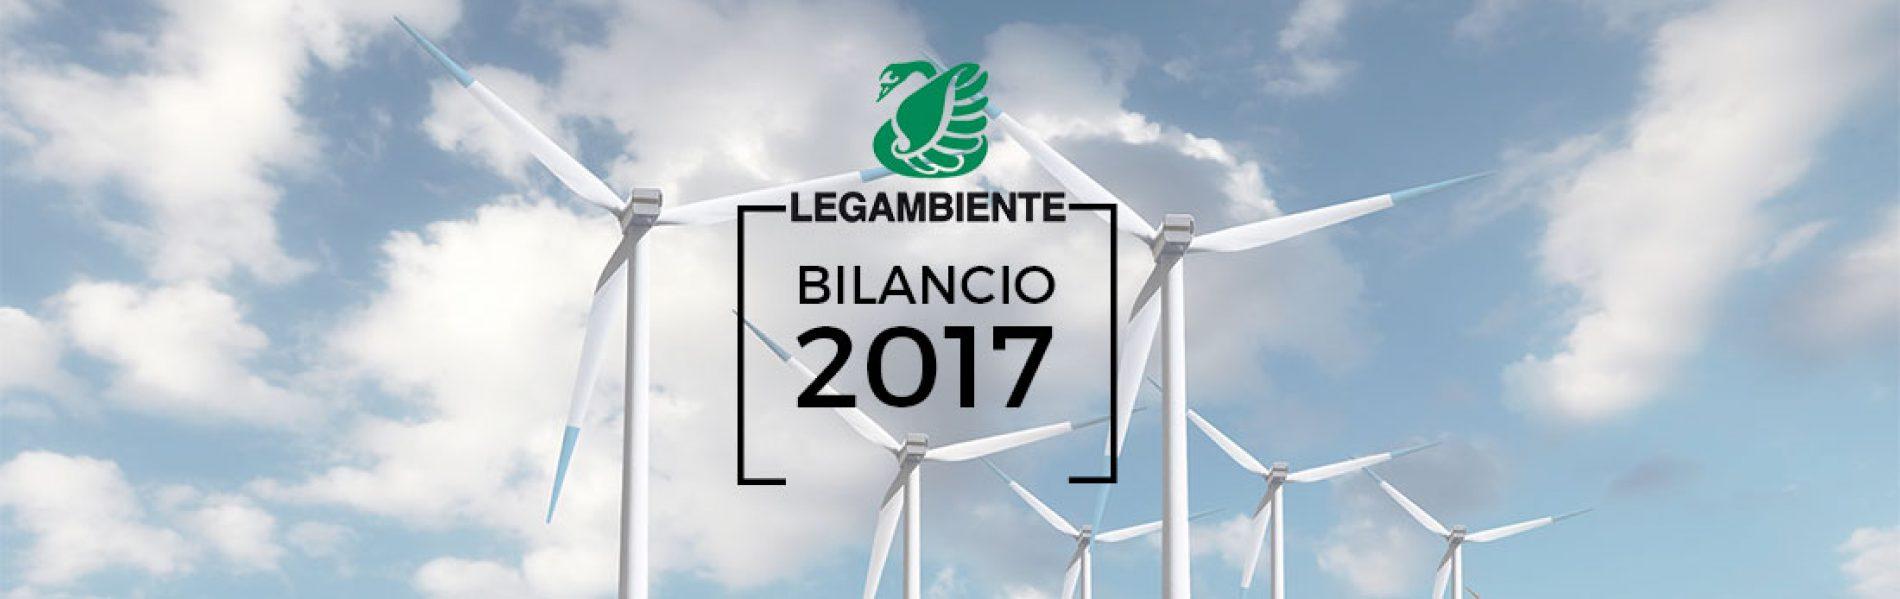 Proposte Legambiente per la legge di Bilancio 2017